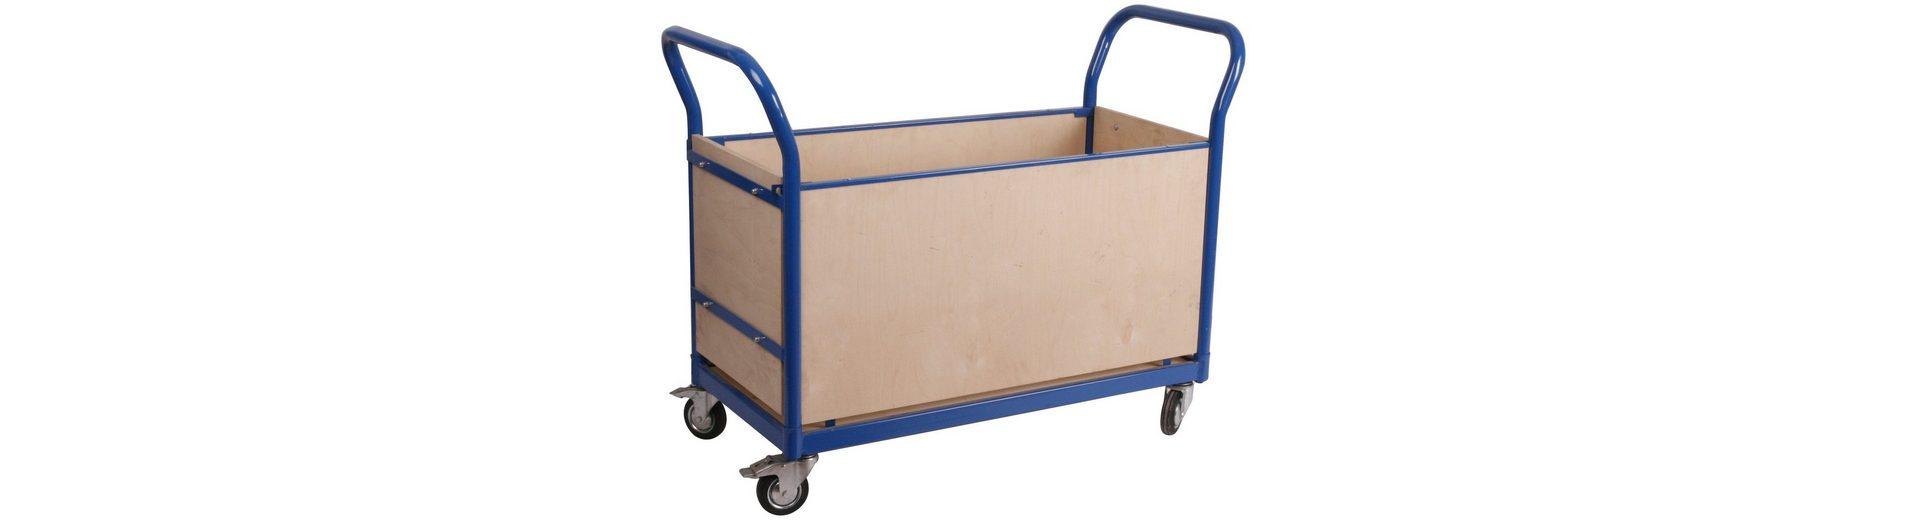 Transportwagen »Professional«, Vierwandschutz